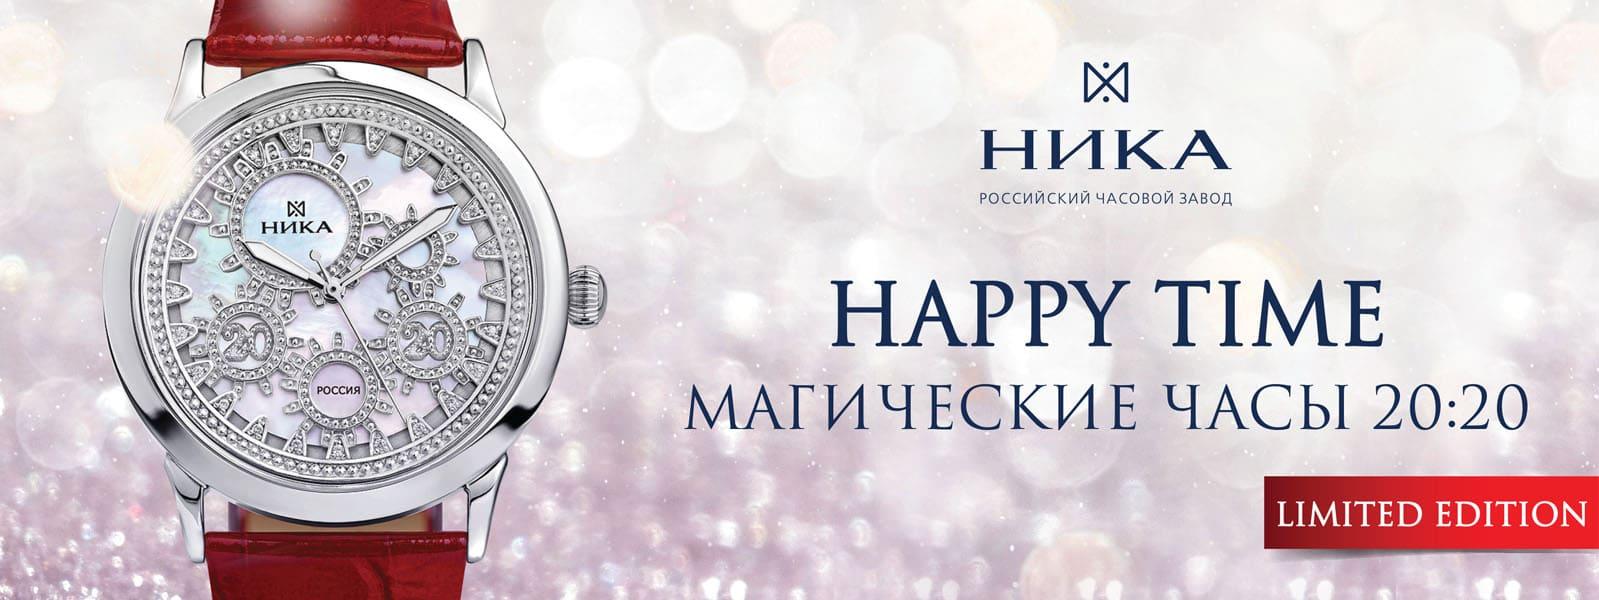 Позолоченные часы реал мадрид с начажным ремешком железным